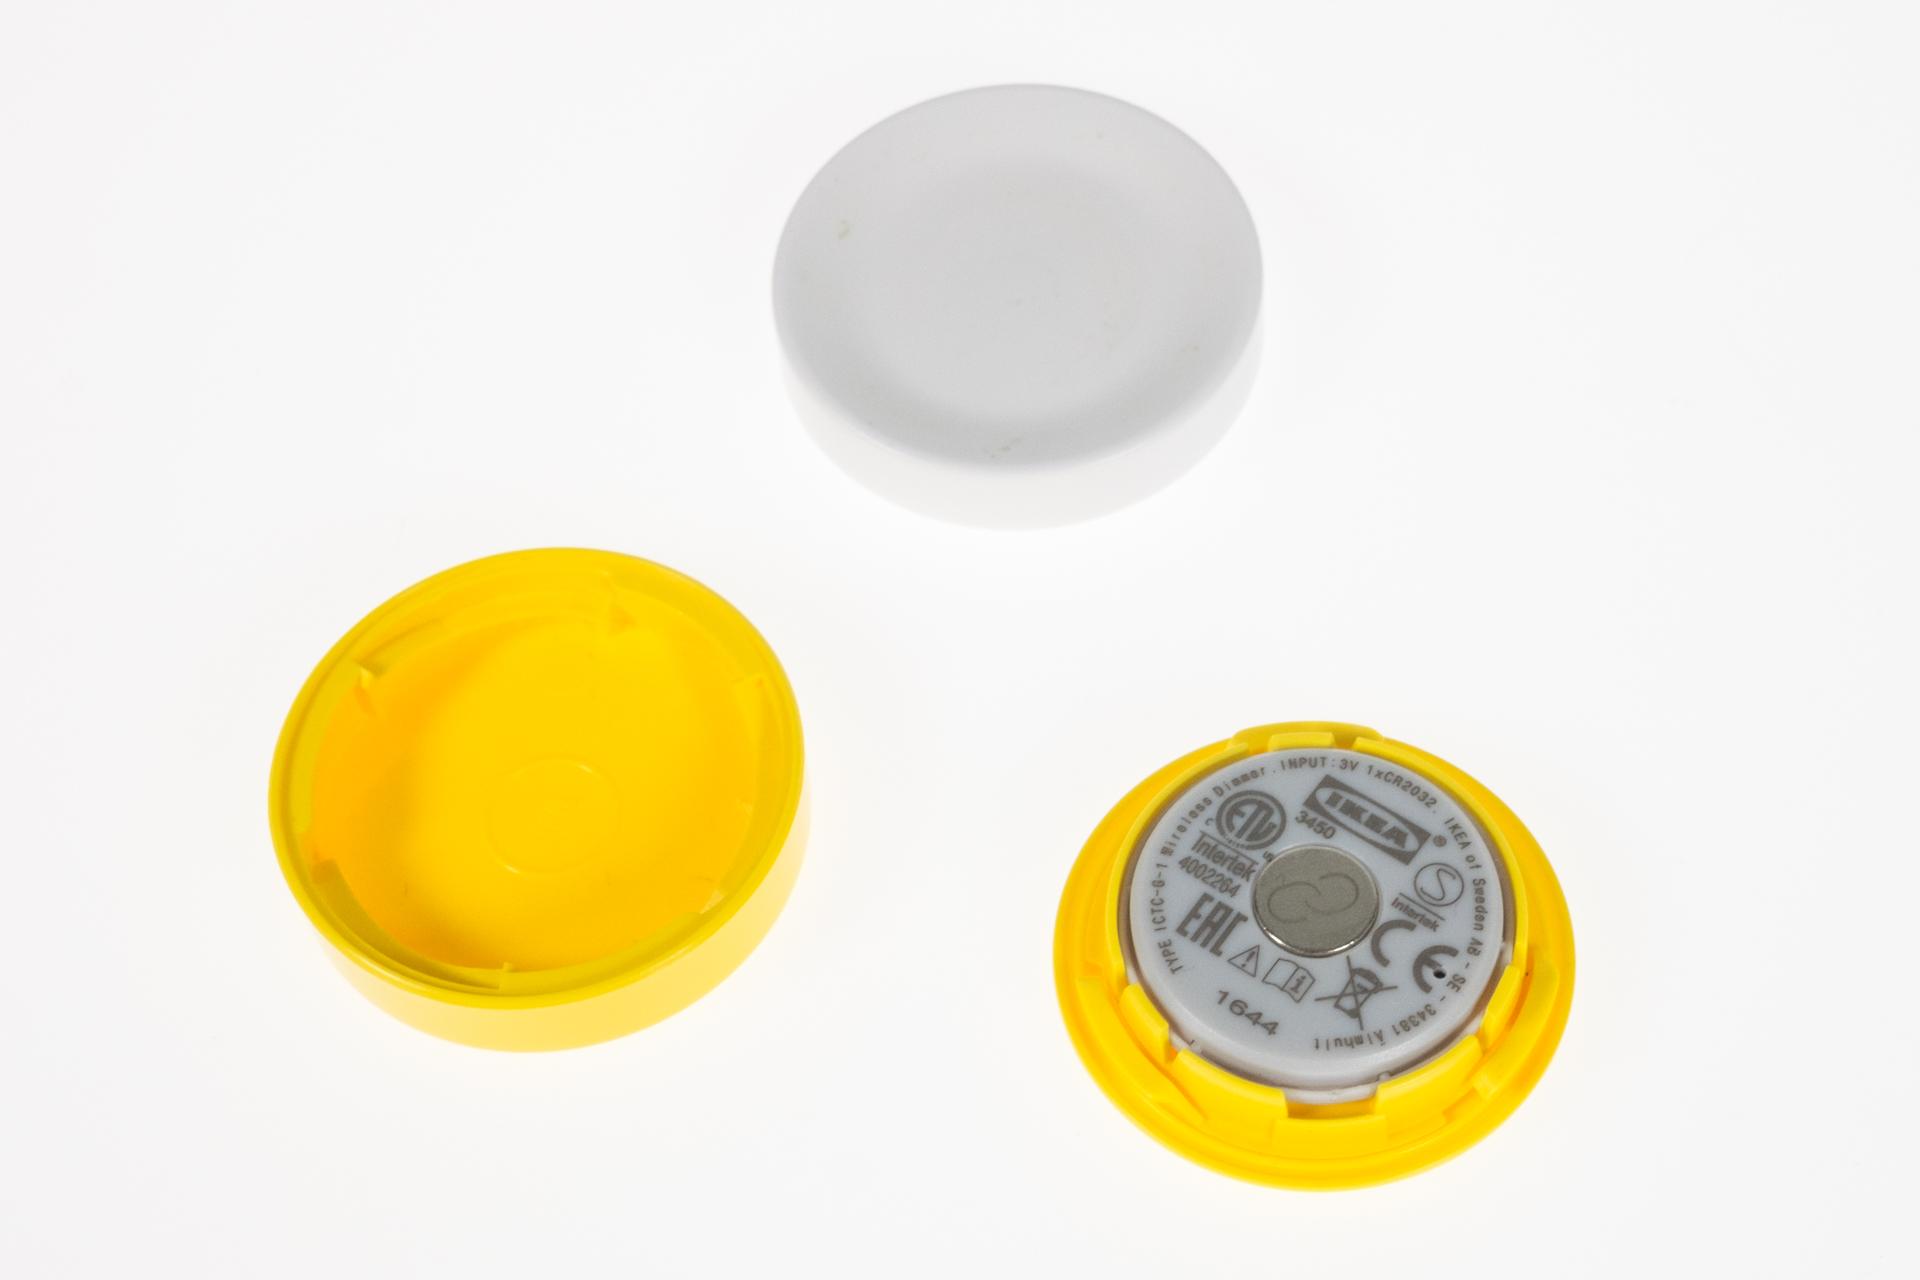 Ikea Trådfri im Test: Drahtlos (und sicher) auf Schwedisch -